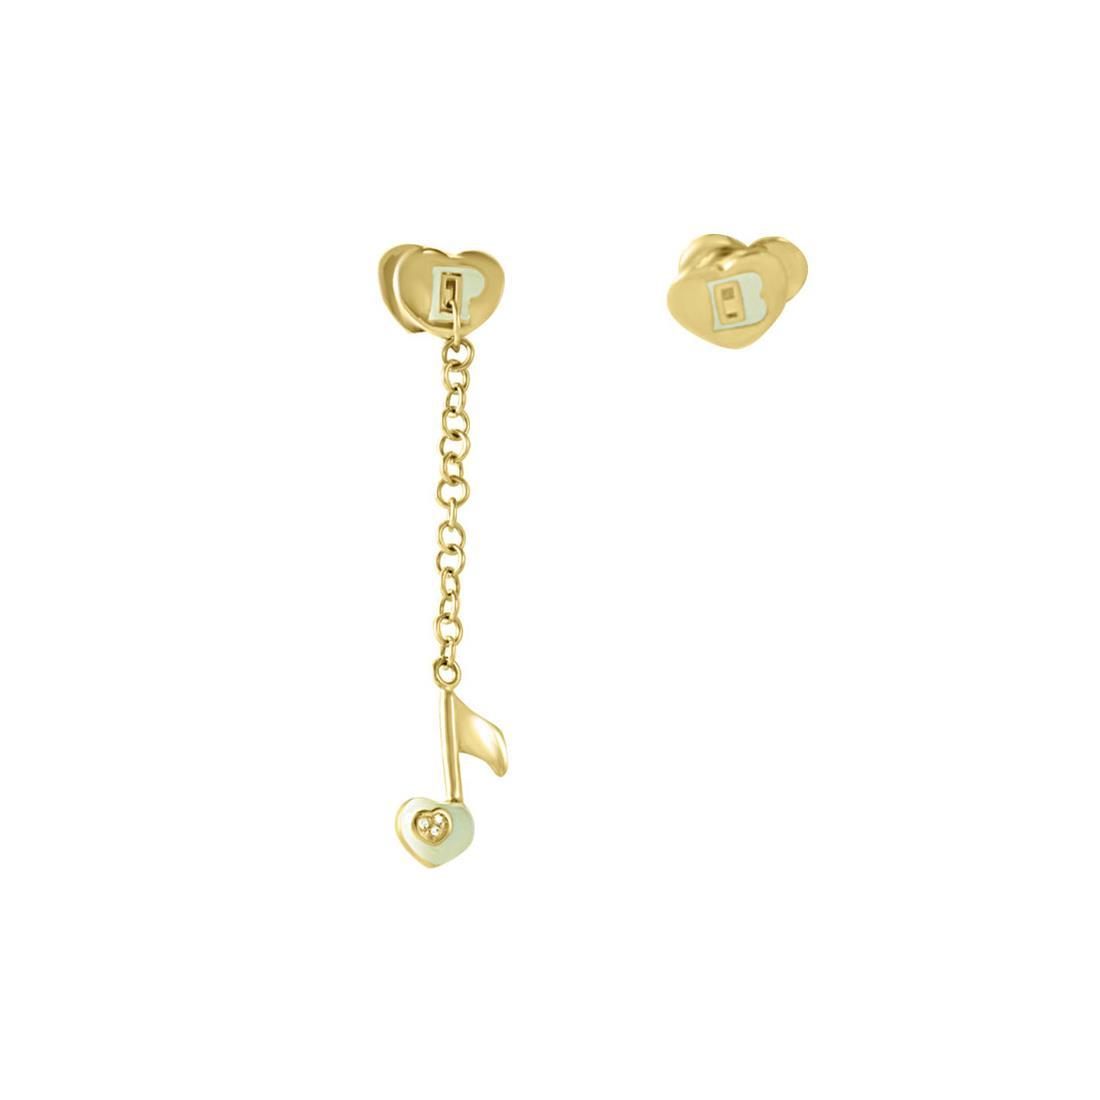 Orecchino in oro giallo con charm e rubino ct 0.01 - PASQUALE BRUNI